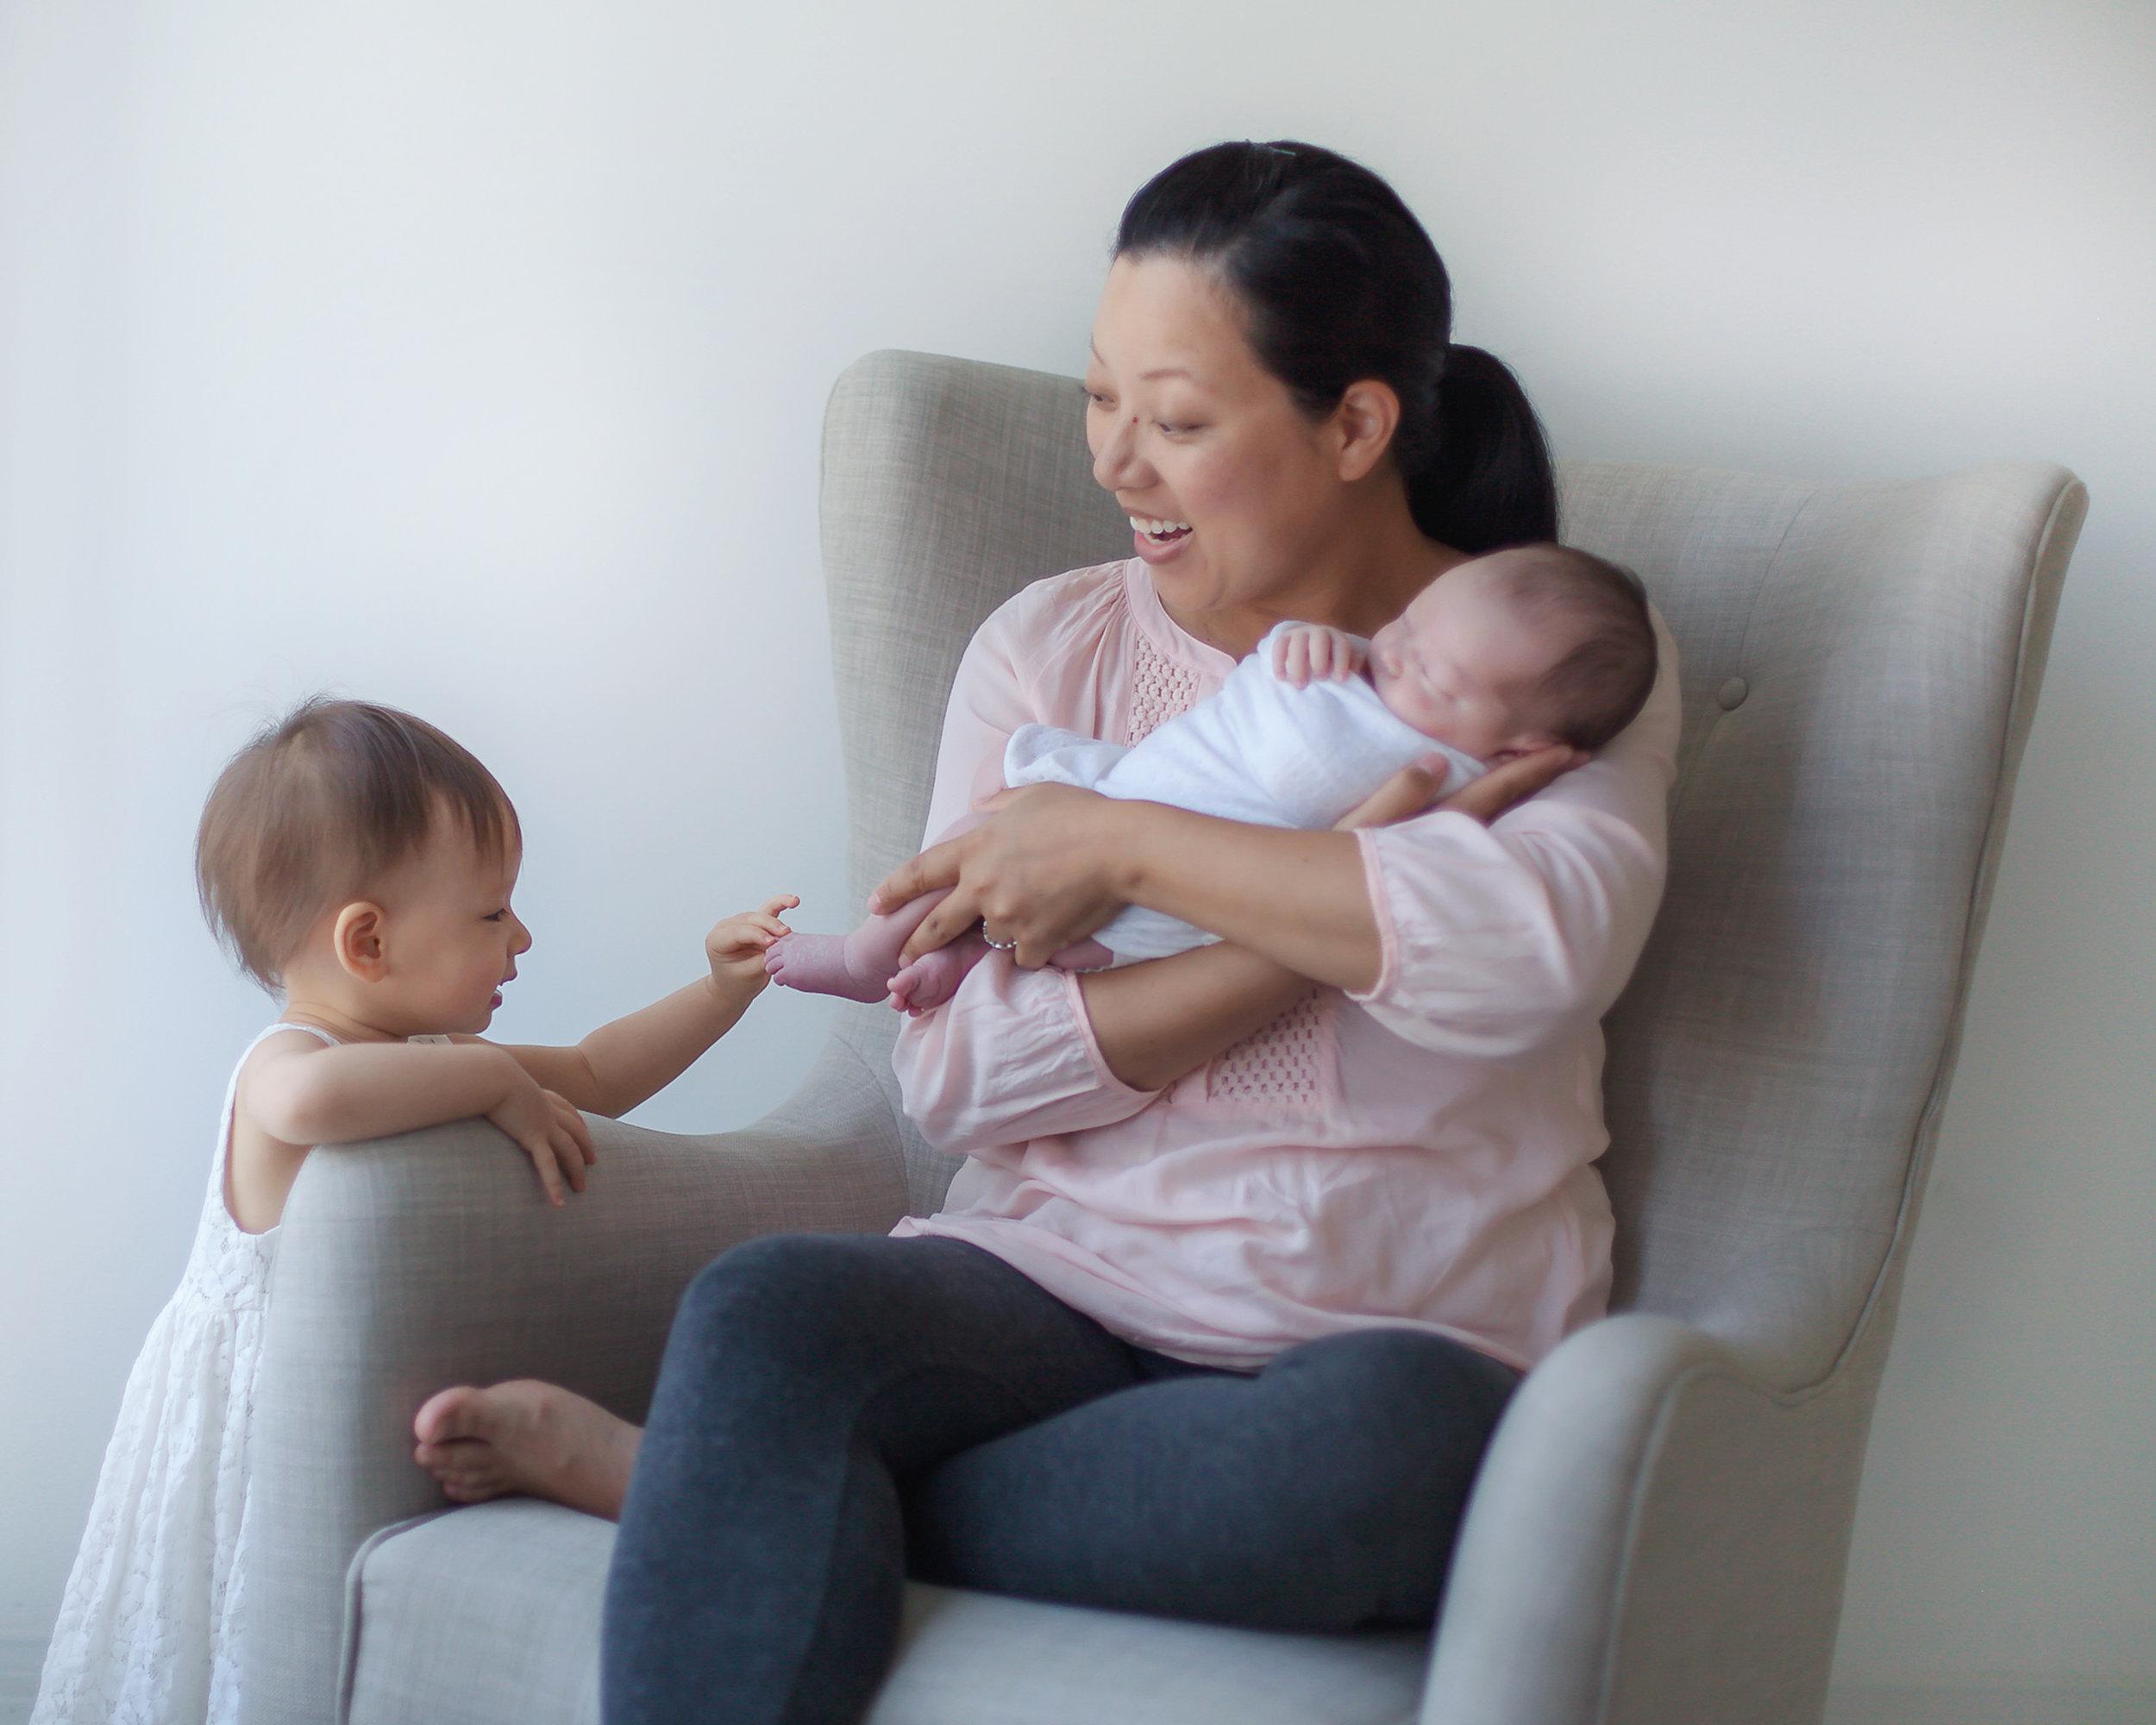 Oshawa_Toronto_Ajax_Family_Baby_Photography_Studio_Petra_King_Photorgaphy